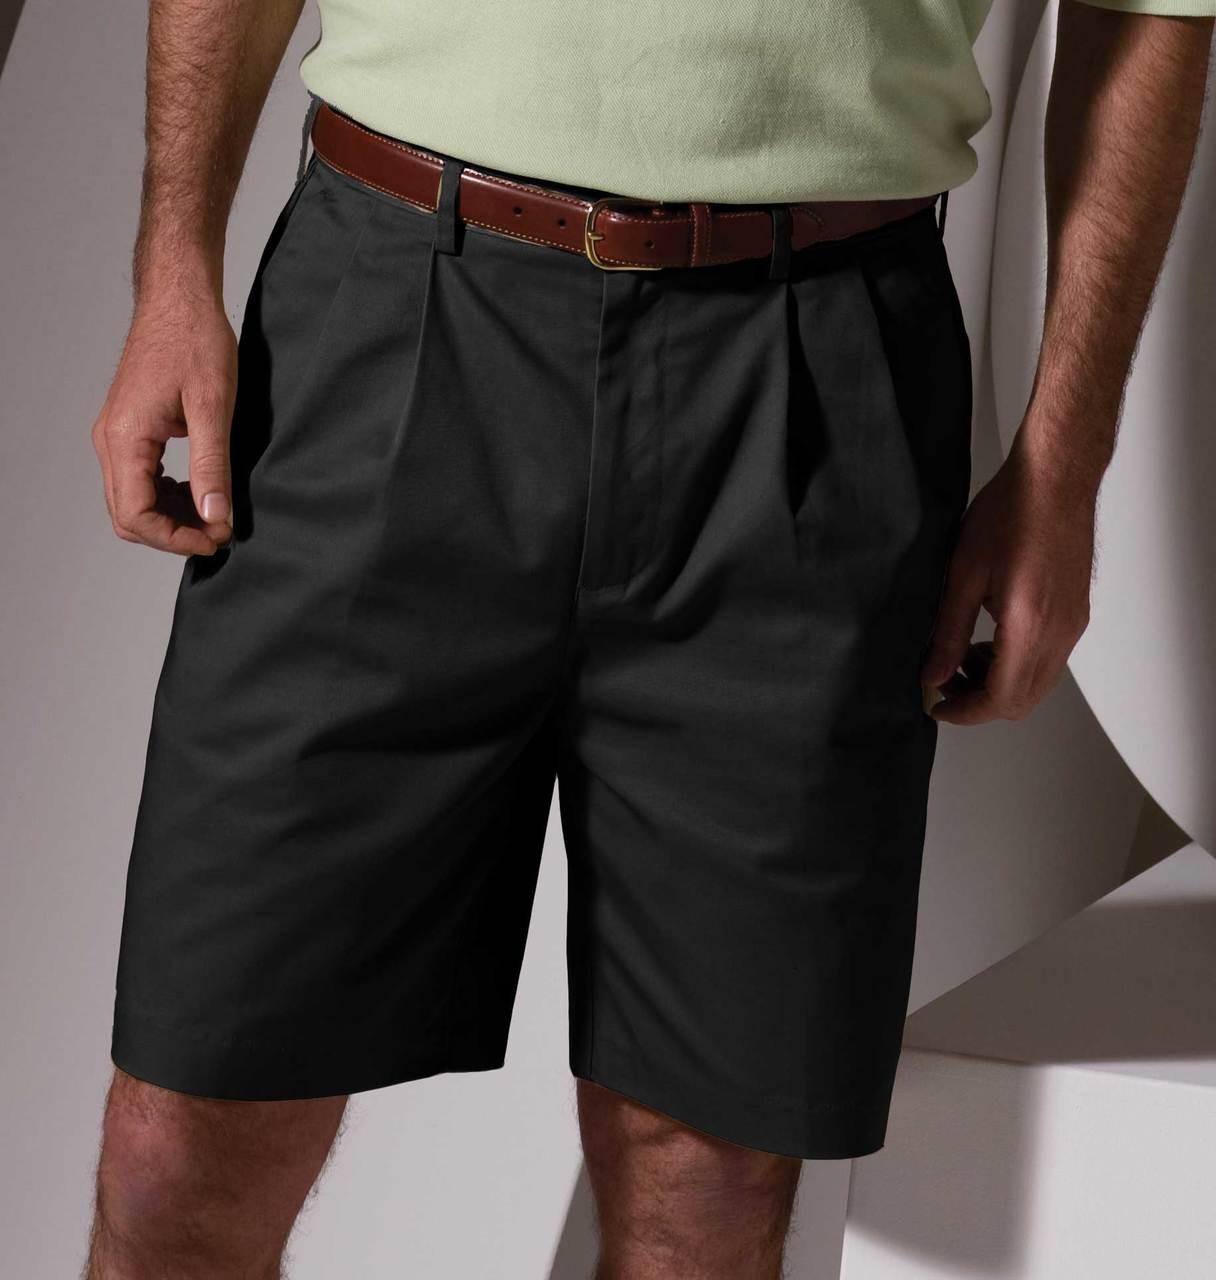 Men's Value Utility Uniform Shorts